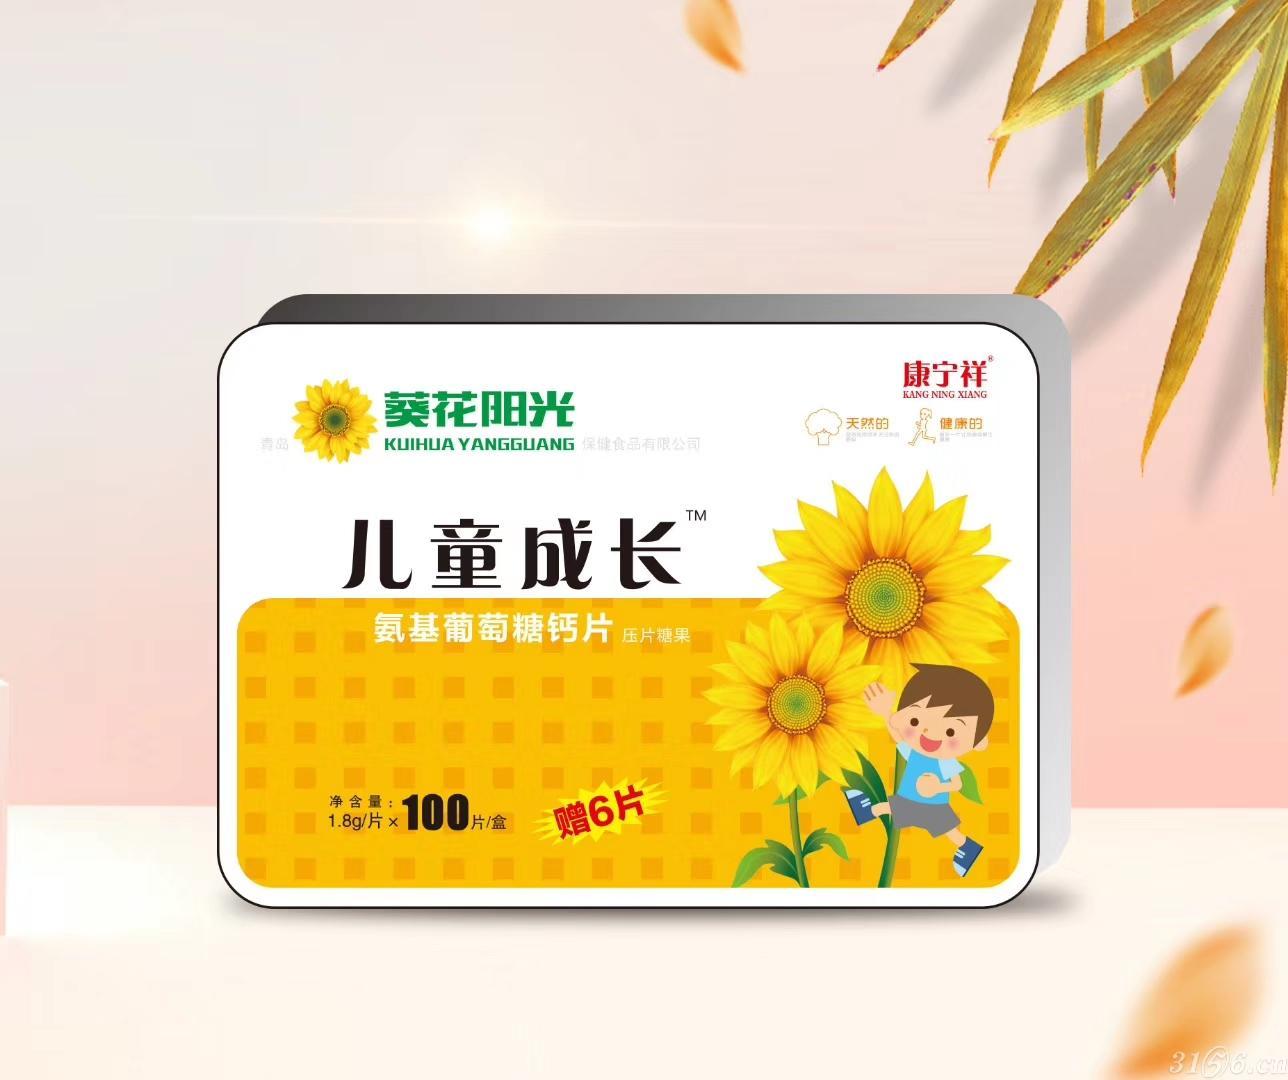 葵花陽光兒童成長氨基葡萄糖鈣片(鐵盒)